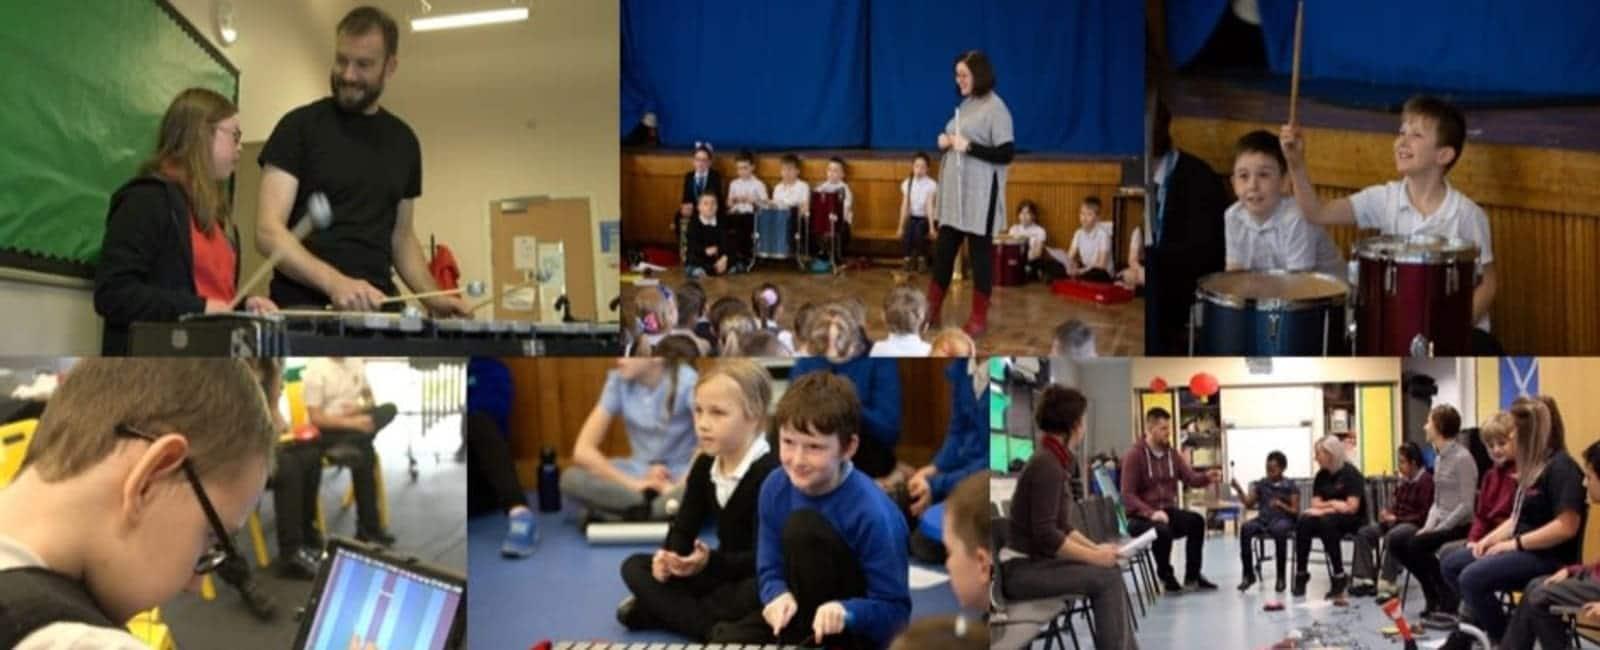 Children's Music Foundation In Scotland LTD